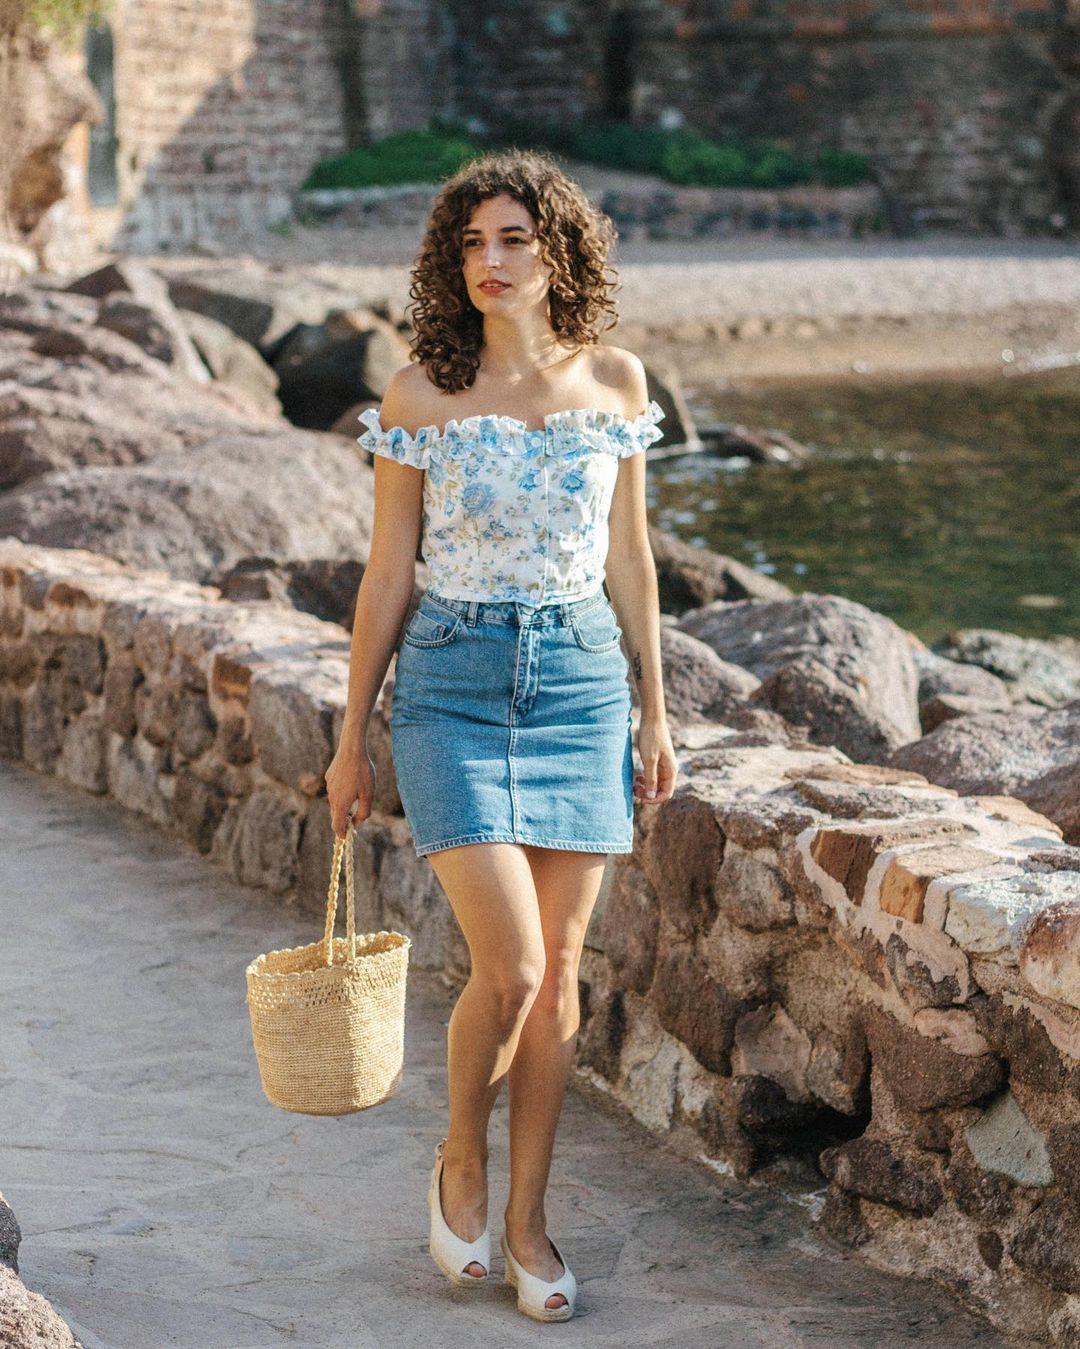 Quý cô người Pháp có style chuẩn nàng thơ: Không thể sống thiếu váy quấn, diện đồ 'hoa lá hẹ' mà vẫn rất mực tinh tế - Ảnh 10